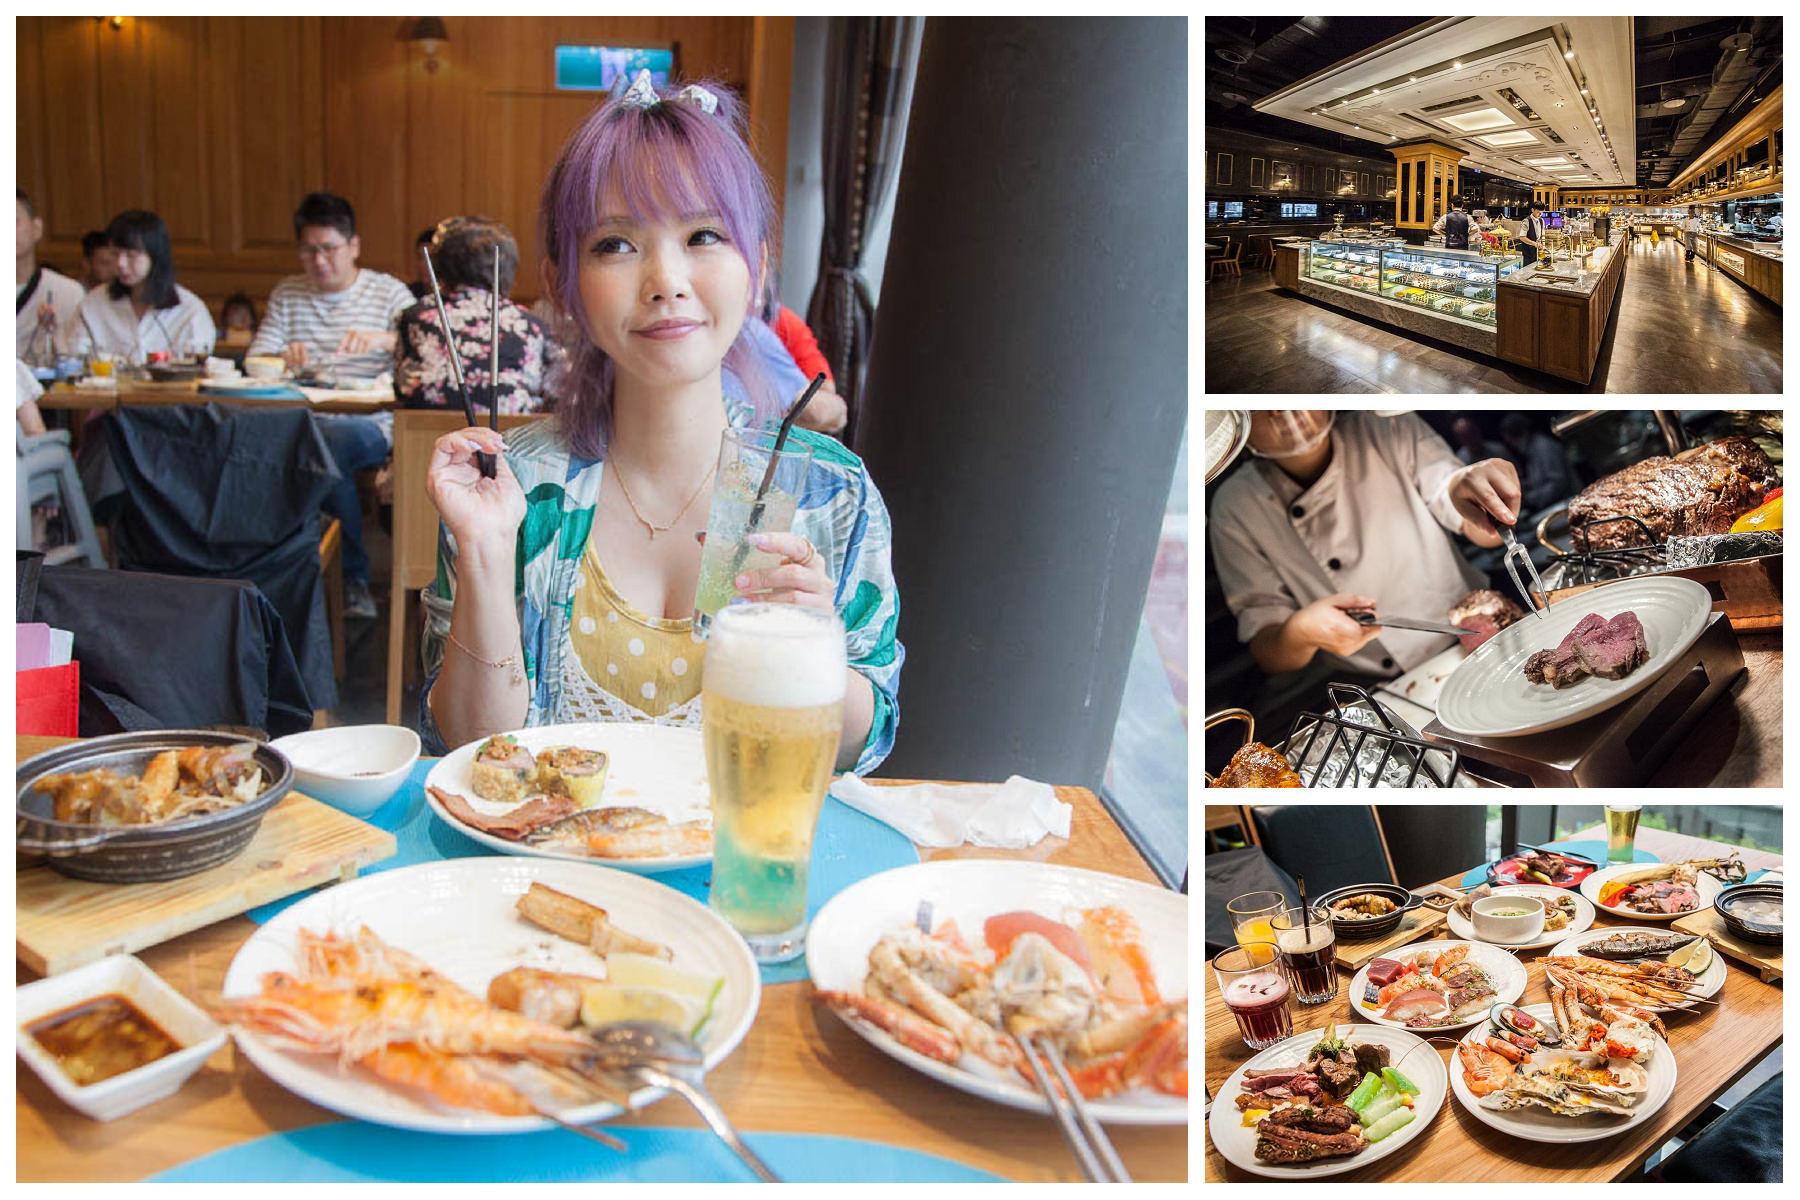 [台北吃到飽]饗食天堂怎麼吃才會回本?肋眼牛排、生魚片、烤鴨、生蠔通通拿三輪啦!饗食天堂-信義店